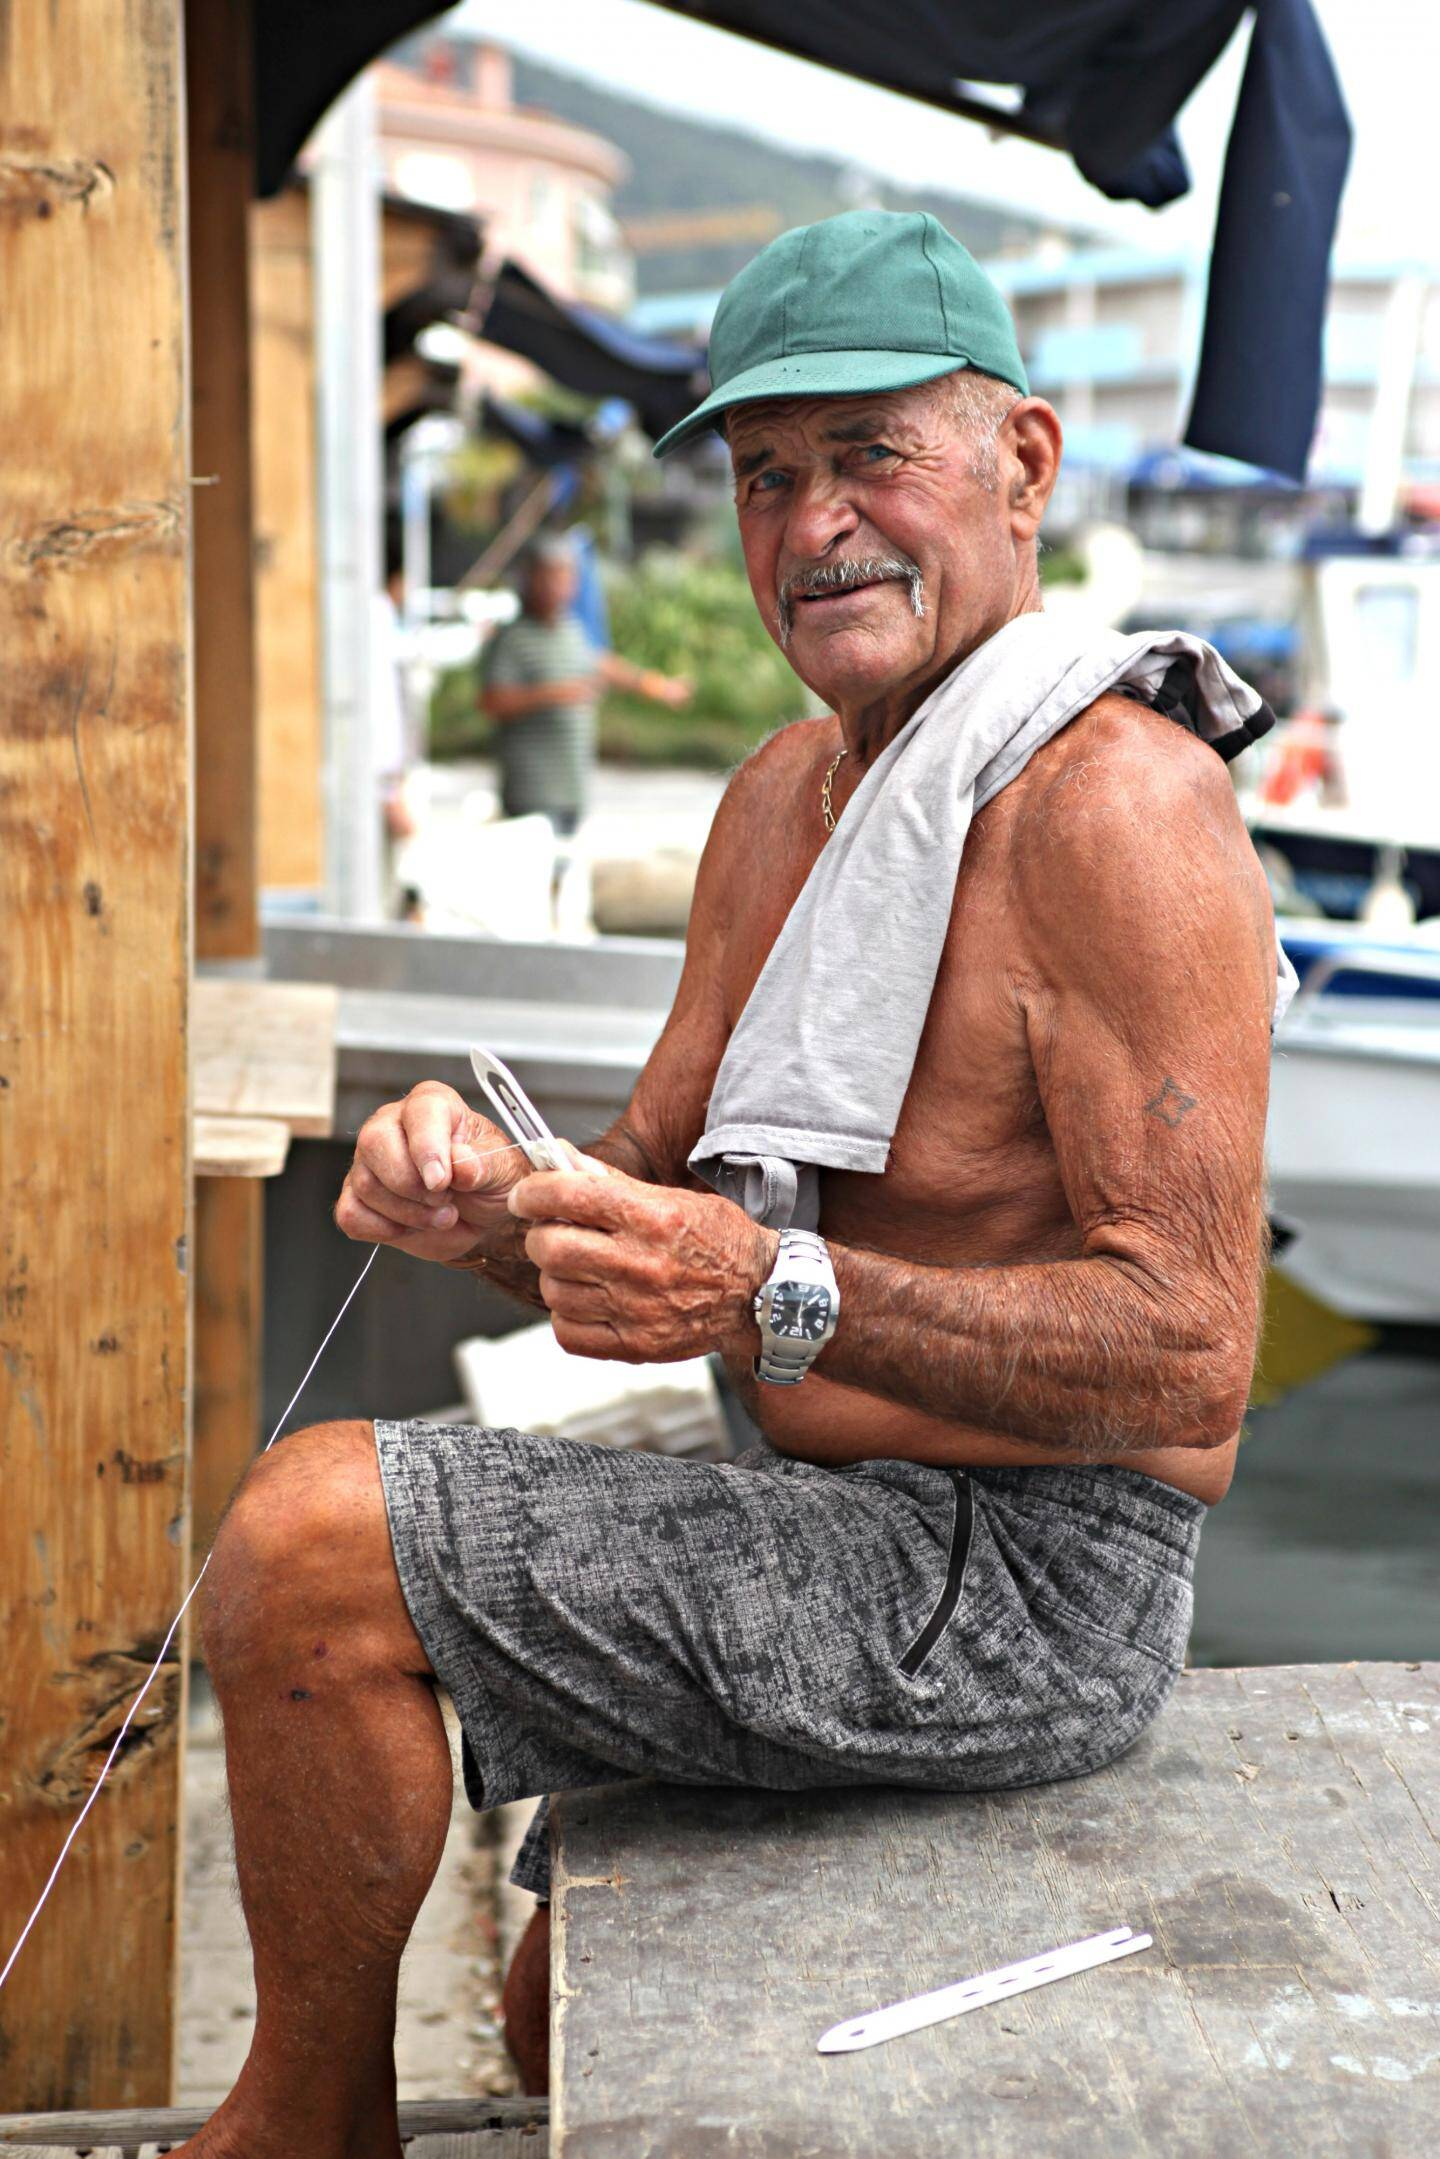 Aujourd'hui retraité, Roger, 77 ans, est plutôt enthousiaste à l'idée de voir ses collègues équipés de matériel de haute technologie.